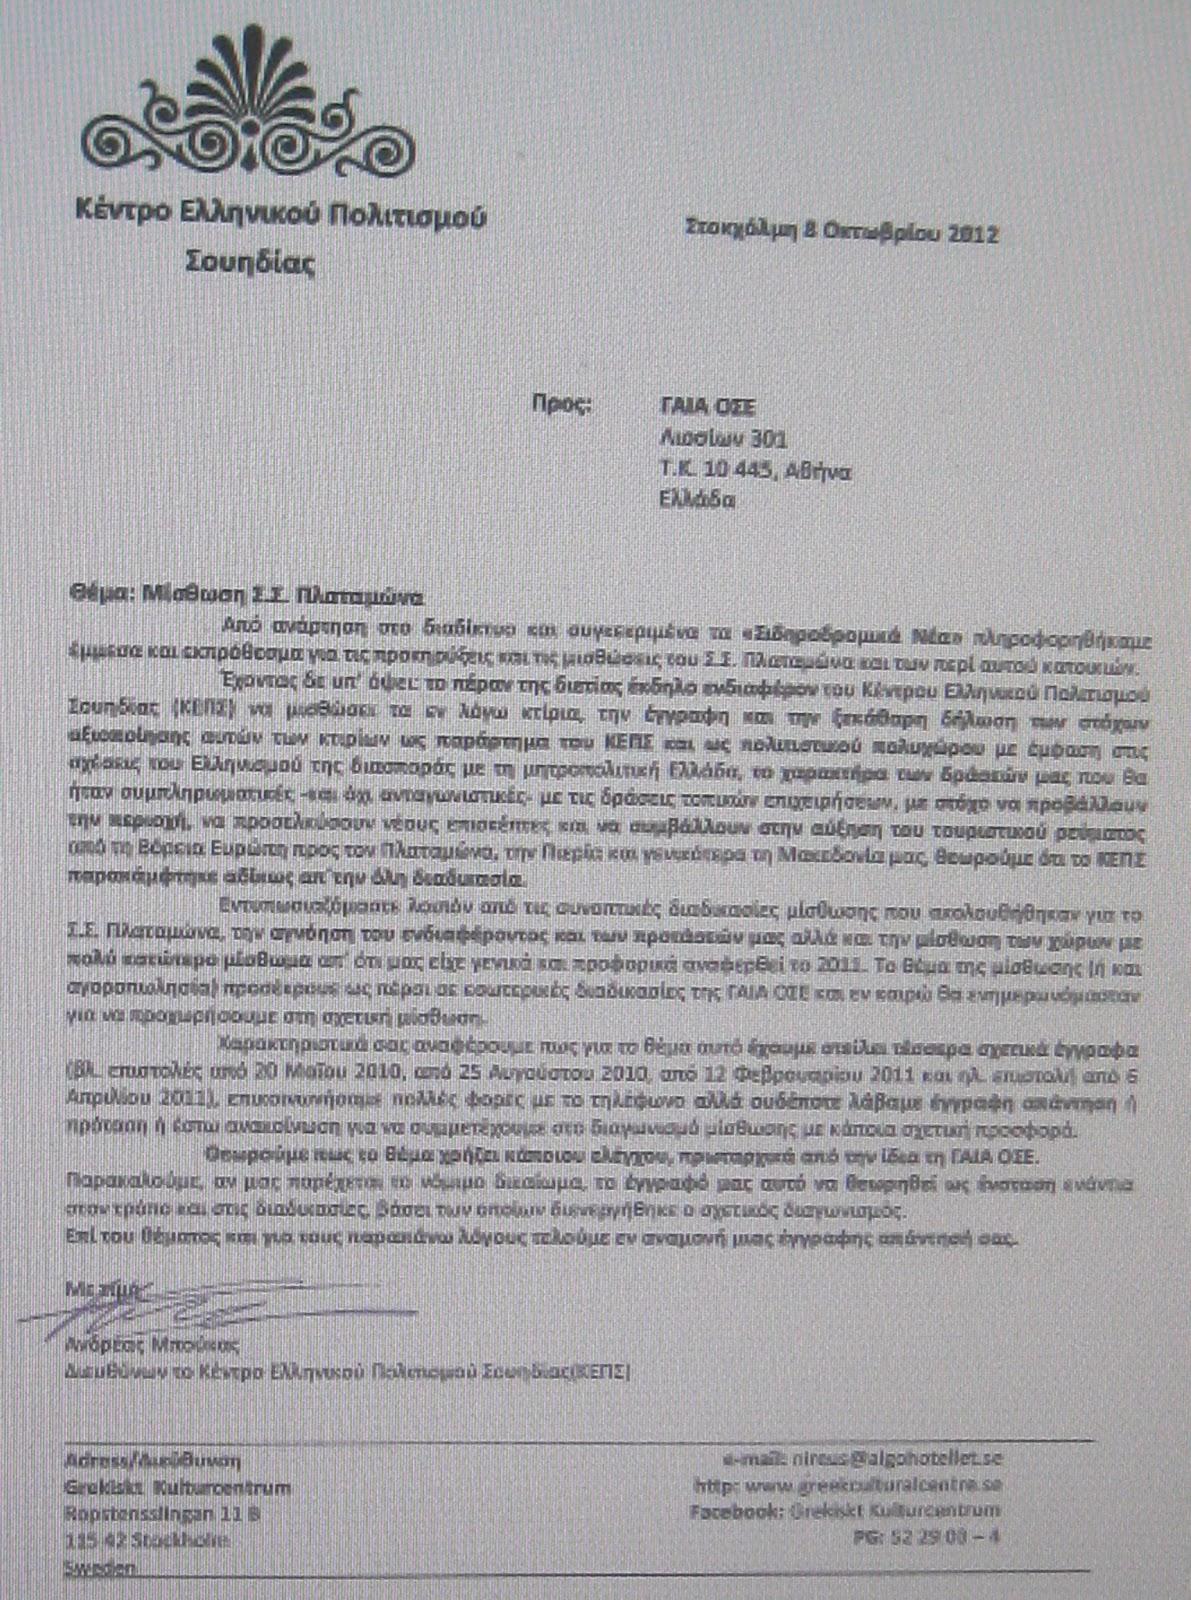 Επιστολή Κ.Π. Σουηδίας